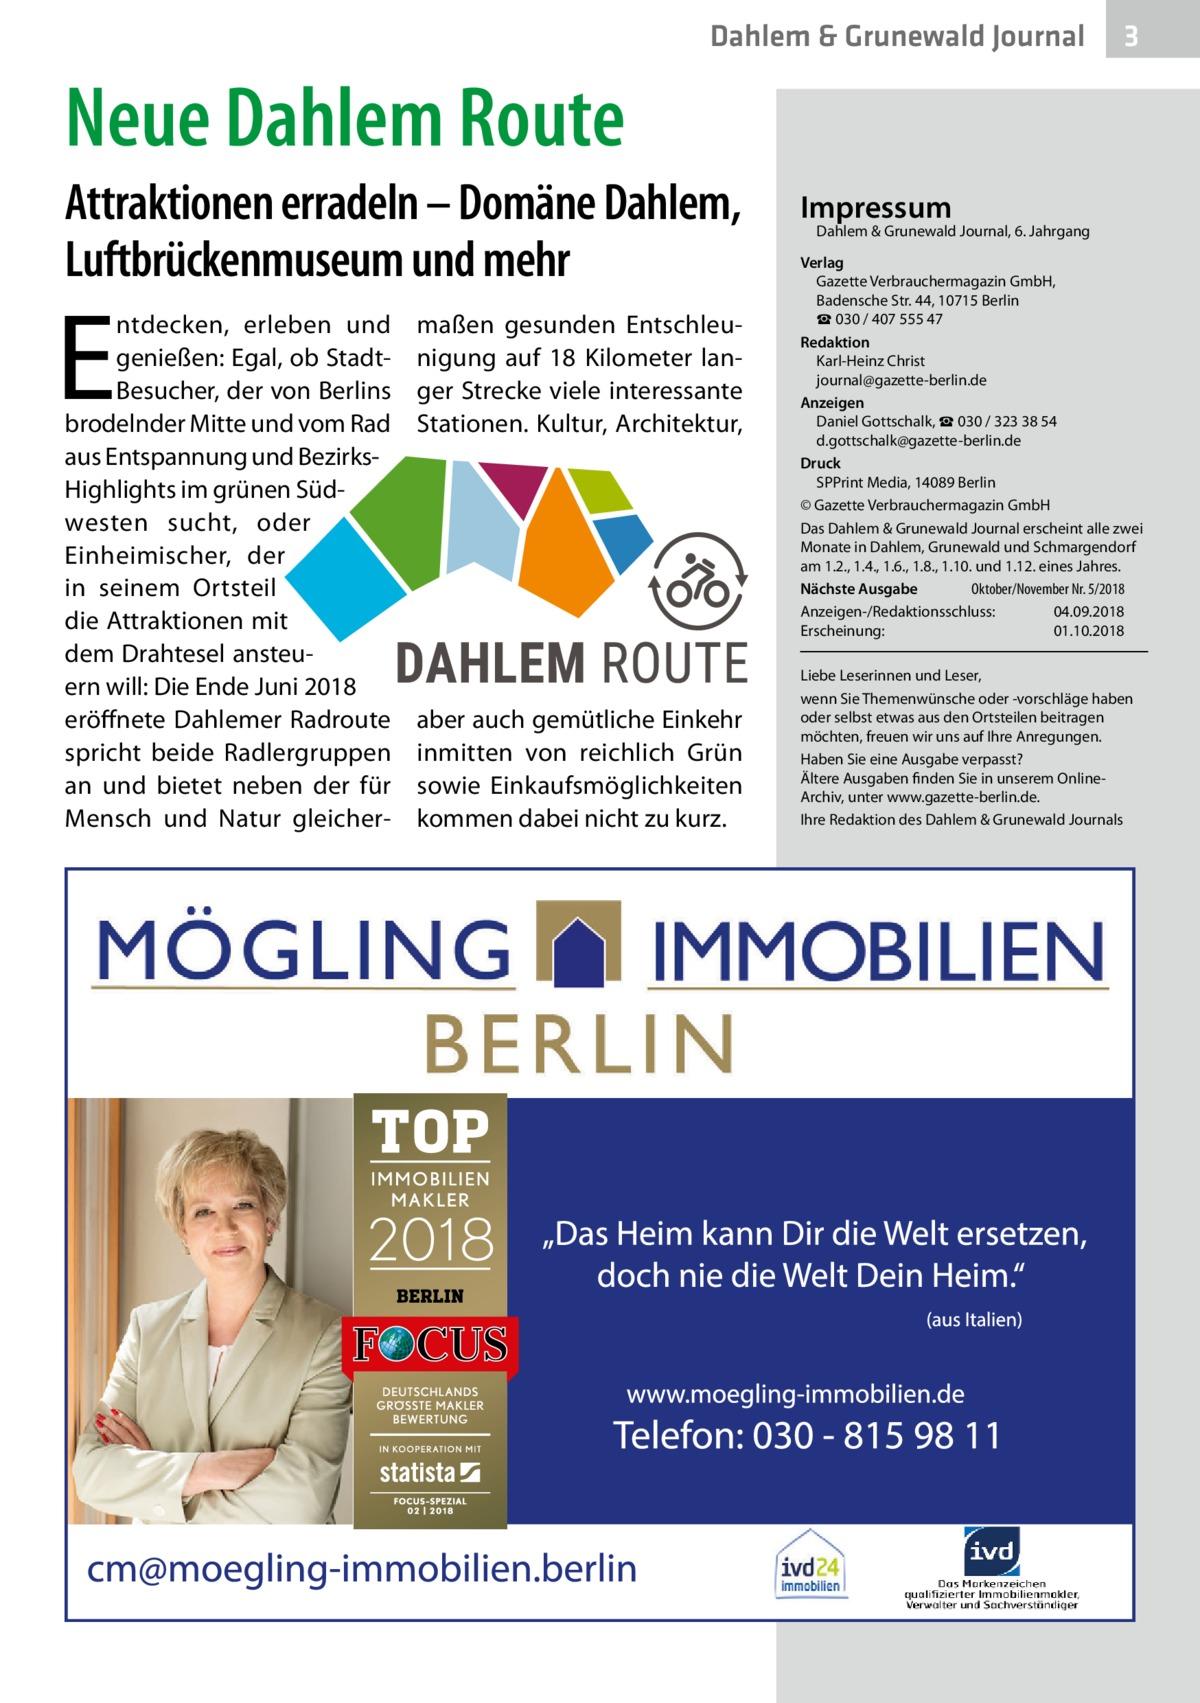 Dahlem & Grunewald Journal  3  Neue Dahlem Route Attraktionen erradeln – Domäne Dahlem, Luftbrückenmuseum und mehr  E  ntdecken, erleben und genießen: Egal, ob StadtBesucher, der von Berlins brodelnder Mitte und vom Rad aus Entspannung und BezirksHighlights im grünen Südwesten sucht, oder Einheimischer, der in seinem Ortsteil die Attraktionen mit dem Drahtesel ansteuern will: Die Ende Juni 2018 eröffnete Dahlemer Radroute spricht beide Radlergruppen an und bietet neben der für Mensch und Natur gleicher maßen gesunden Entschleunigung auf 18 Kilometer langer Strecke viele interessante Stationen. Kultur, Architektur,  aber auch gemütliche Einkehr inmitten von reichlich Grün sowie Einkaufsmöglichkeiten kommen dabei nicht zu kurz.  Impressum  Dahlem & Grunewald Journal, 6. Jahrgang  Verlag Gazette Verbrauchermagazin GmbH, BadenscheStr.44, 10715Berlin ☎ 030 / 407 555 47 Redaktion Karl-Heinz Christ journal@gazette-berlin.de Anzeigen Daniel Gottschalk, ☎ 030 / 323 38 54 d.gottschalk@gazette-berlin.de Druck SPPrint Media, 14089Berlin © Gazette Verbrauchermagazin GmbH Das Dahlem & Grunewald Journal erscheint alle zwei Monate in Dahlem, Grunewald und Schmargendorf am 1.2., 1.4., 1.6., 1.8., 1.10. und 1.12. eines Jahres. Oktober/November Nr. 5/2018 Nächste Ausgabe  Anzeigen-/Redaktionsschluss:04.09.2018 Erscheinung:01.10.2018 Liebe Leserinnen und Leser, wenn Sie Themenwünsche oder -vorschläge haben oder selbst etwas aus den Ortsteilen beitragen möchten, freuen wir uns auf Ihre Anregungen. Haben Sie eine Ausgabe verpasst? Ältere Ausgaben finden Sie in unserem OnlineArchiv, unter www.gazette-berlin.de. Ihre Redaktion des Dahlem & Grunewald Journals